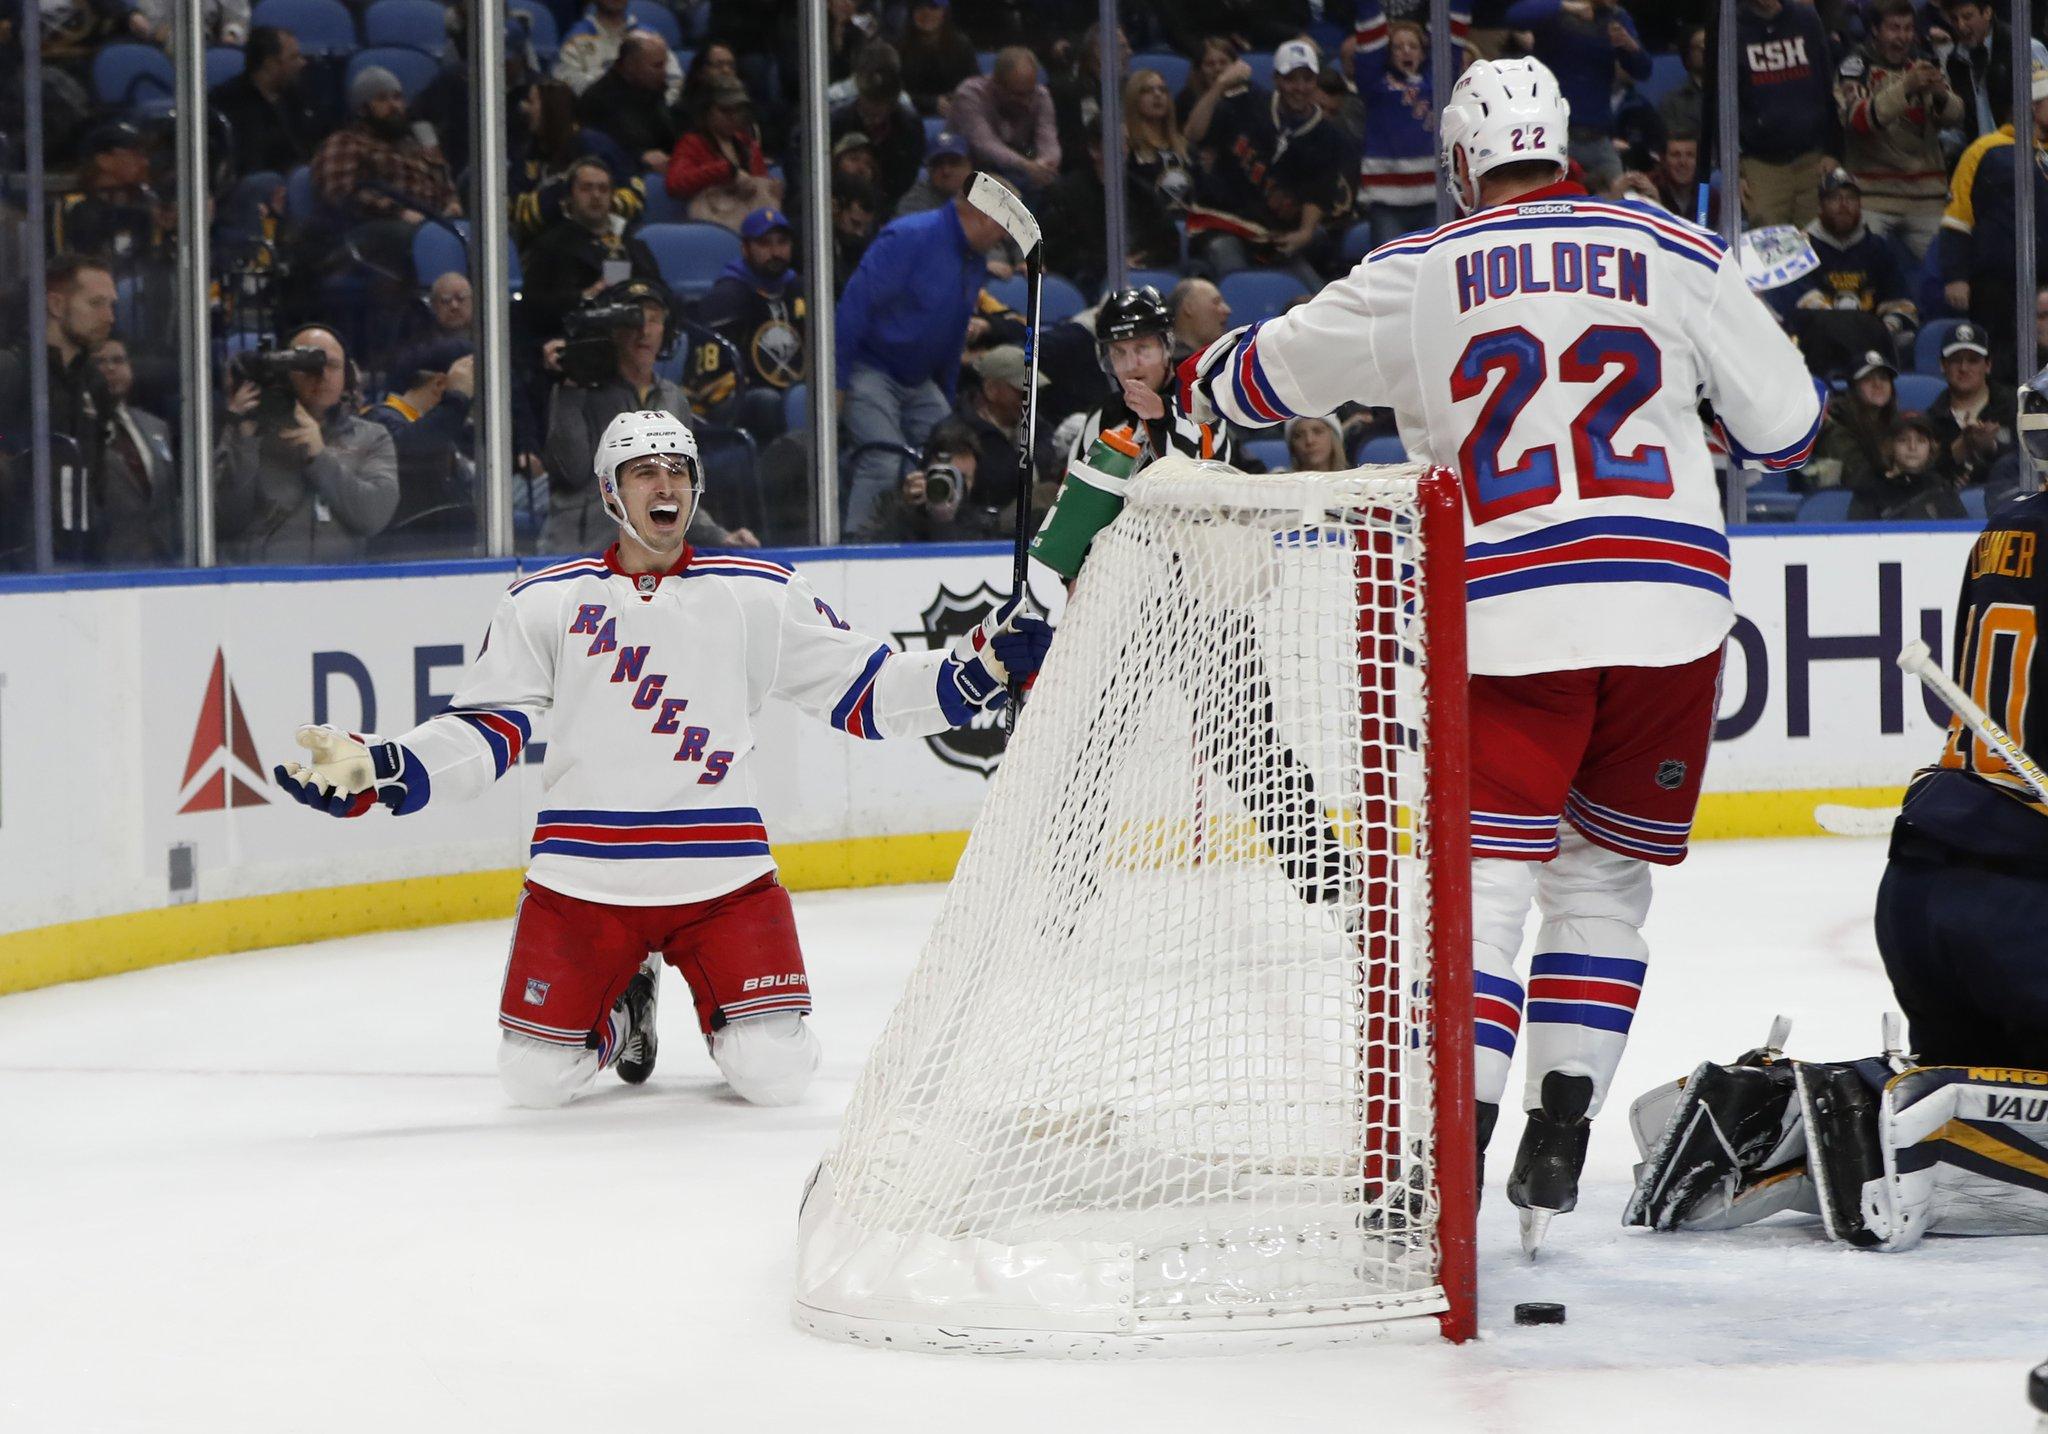 Chris Kreider celebrates his overtime winner with Rangers teammate Nick Holden. (Harry Scull Jr./Buffalo News)